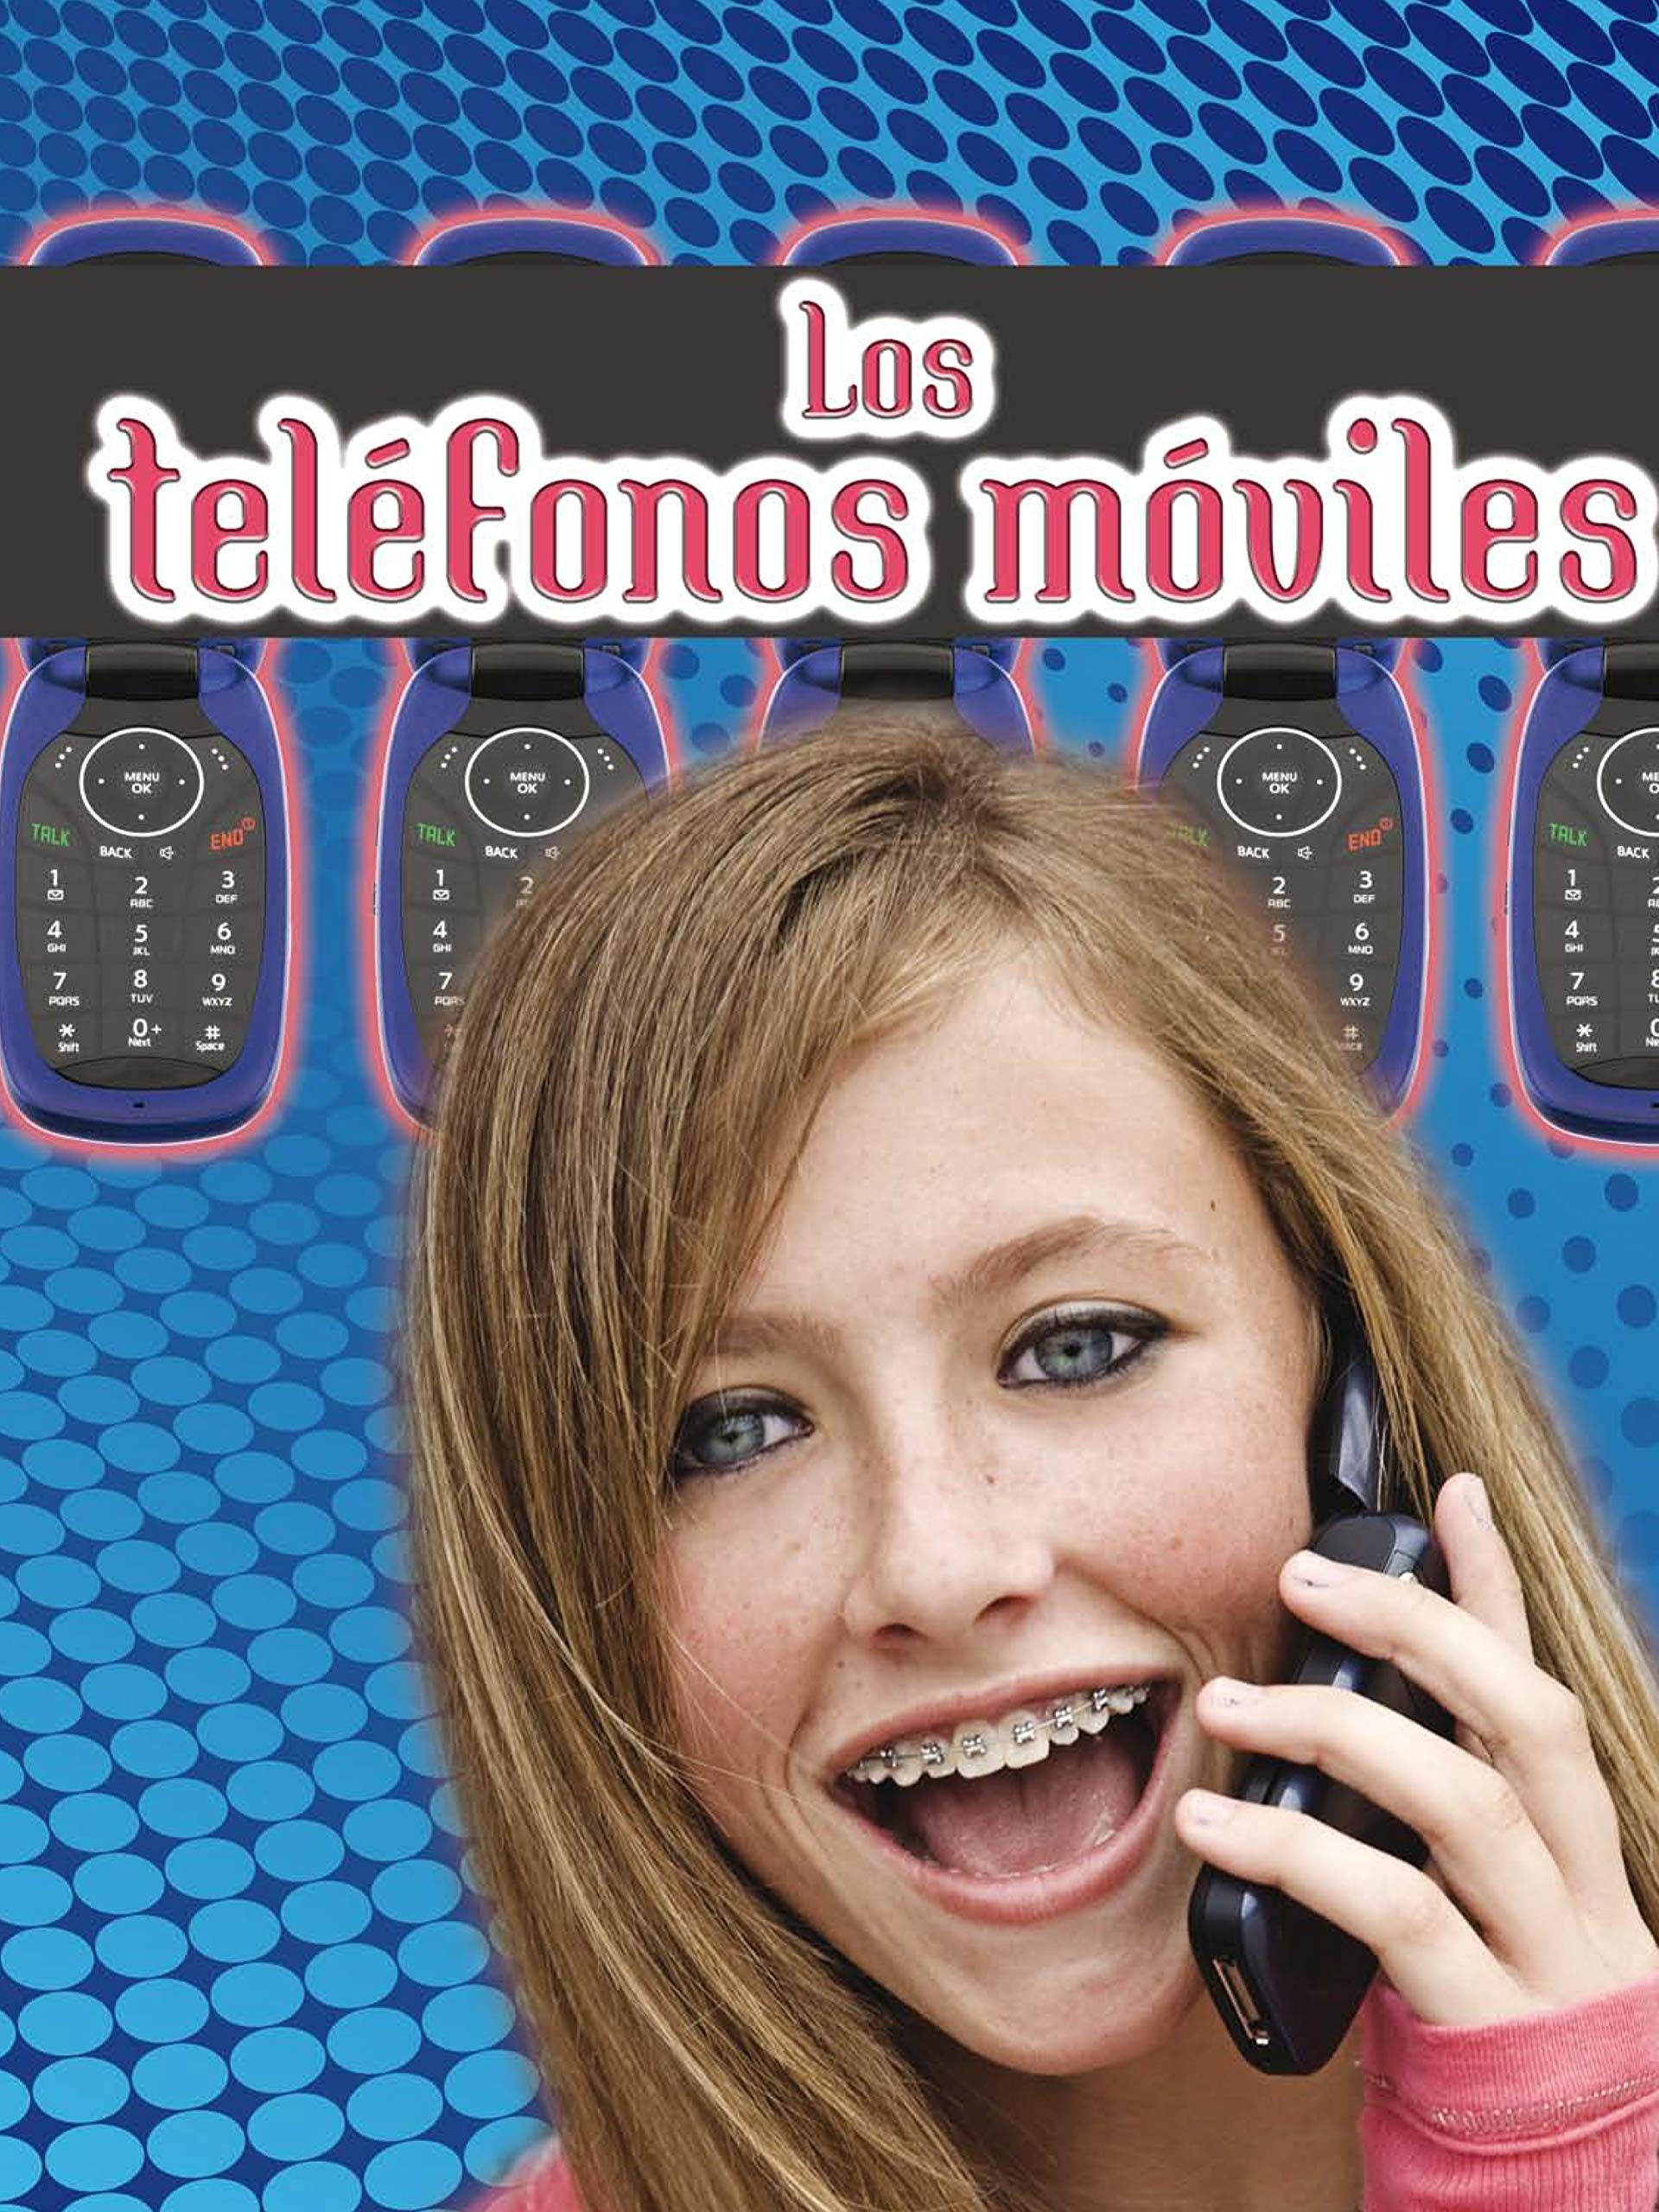 Los teléfonos móviles: Cell Phones (Let's Explore Science) by Rourke Educational Media